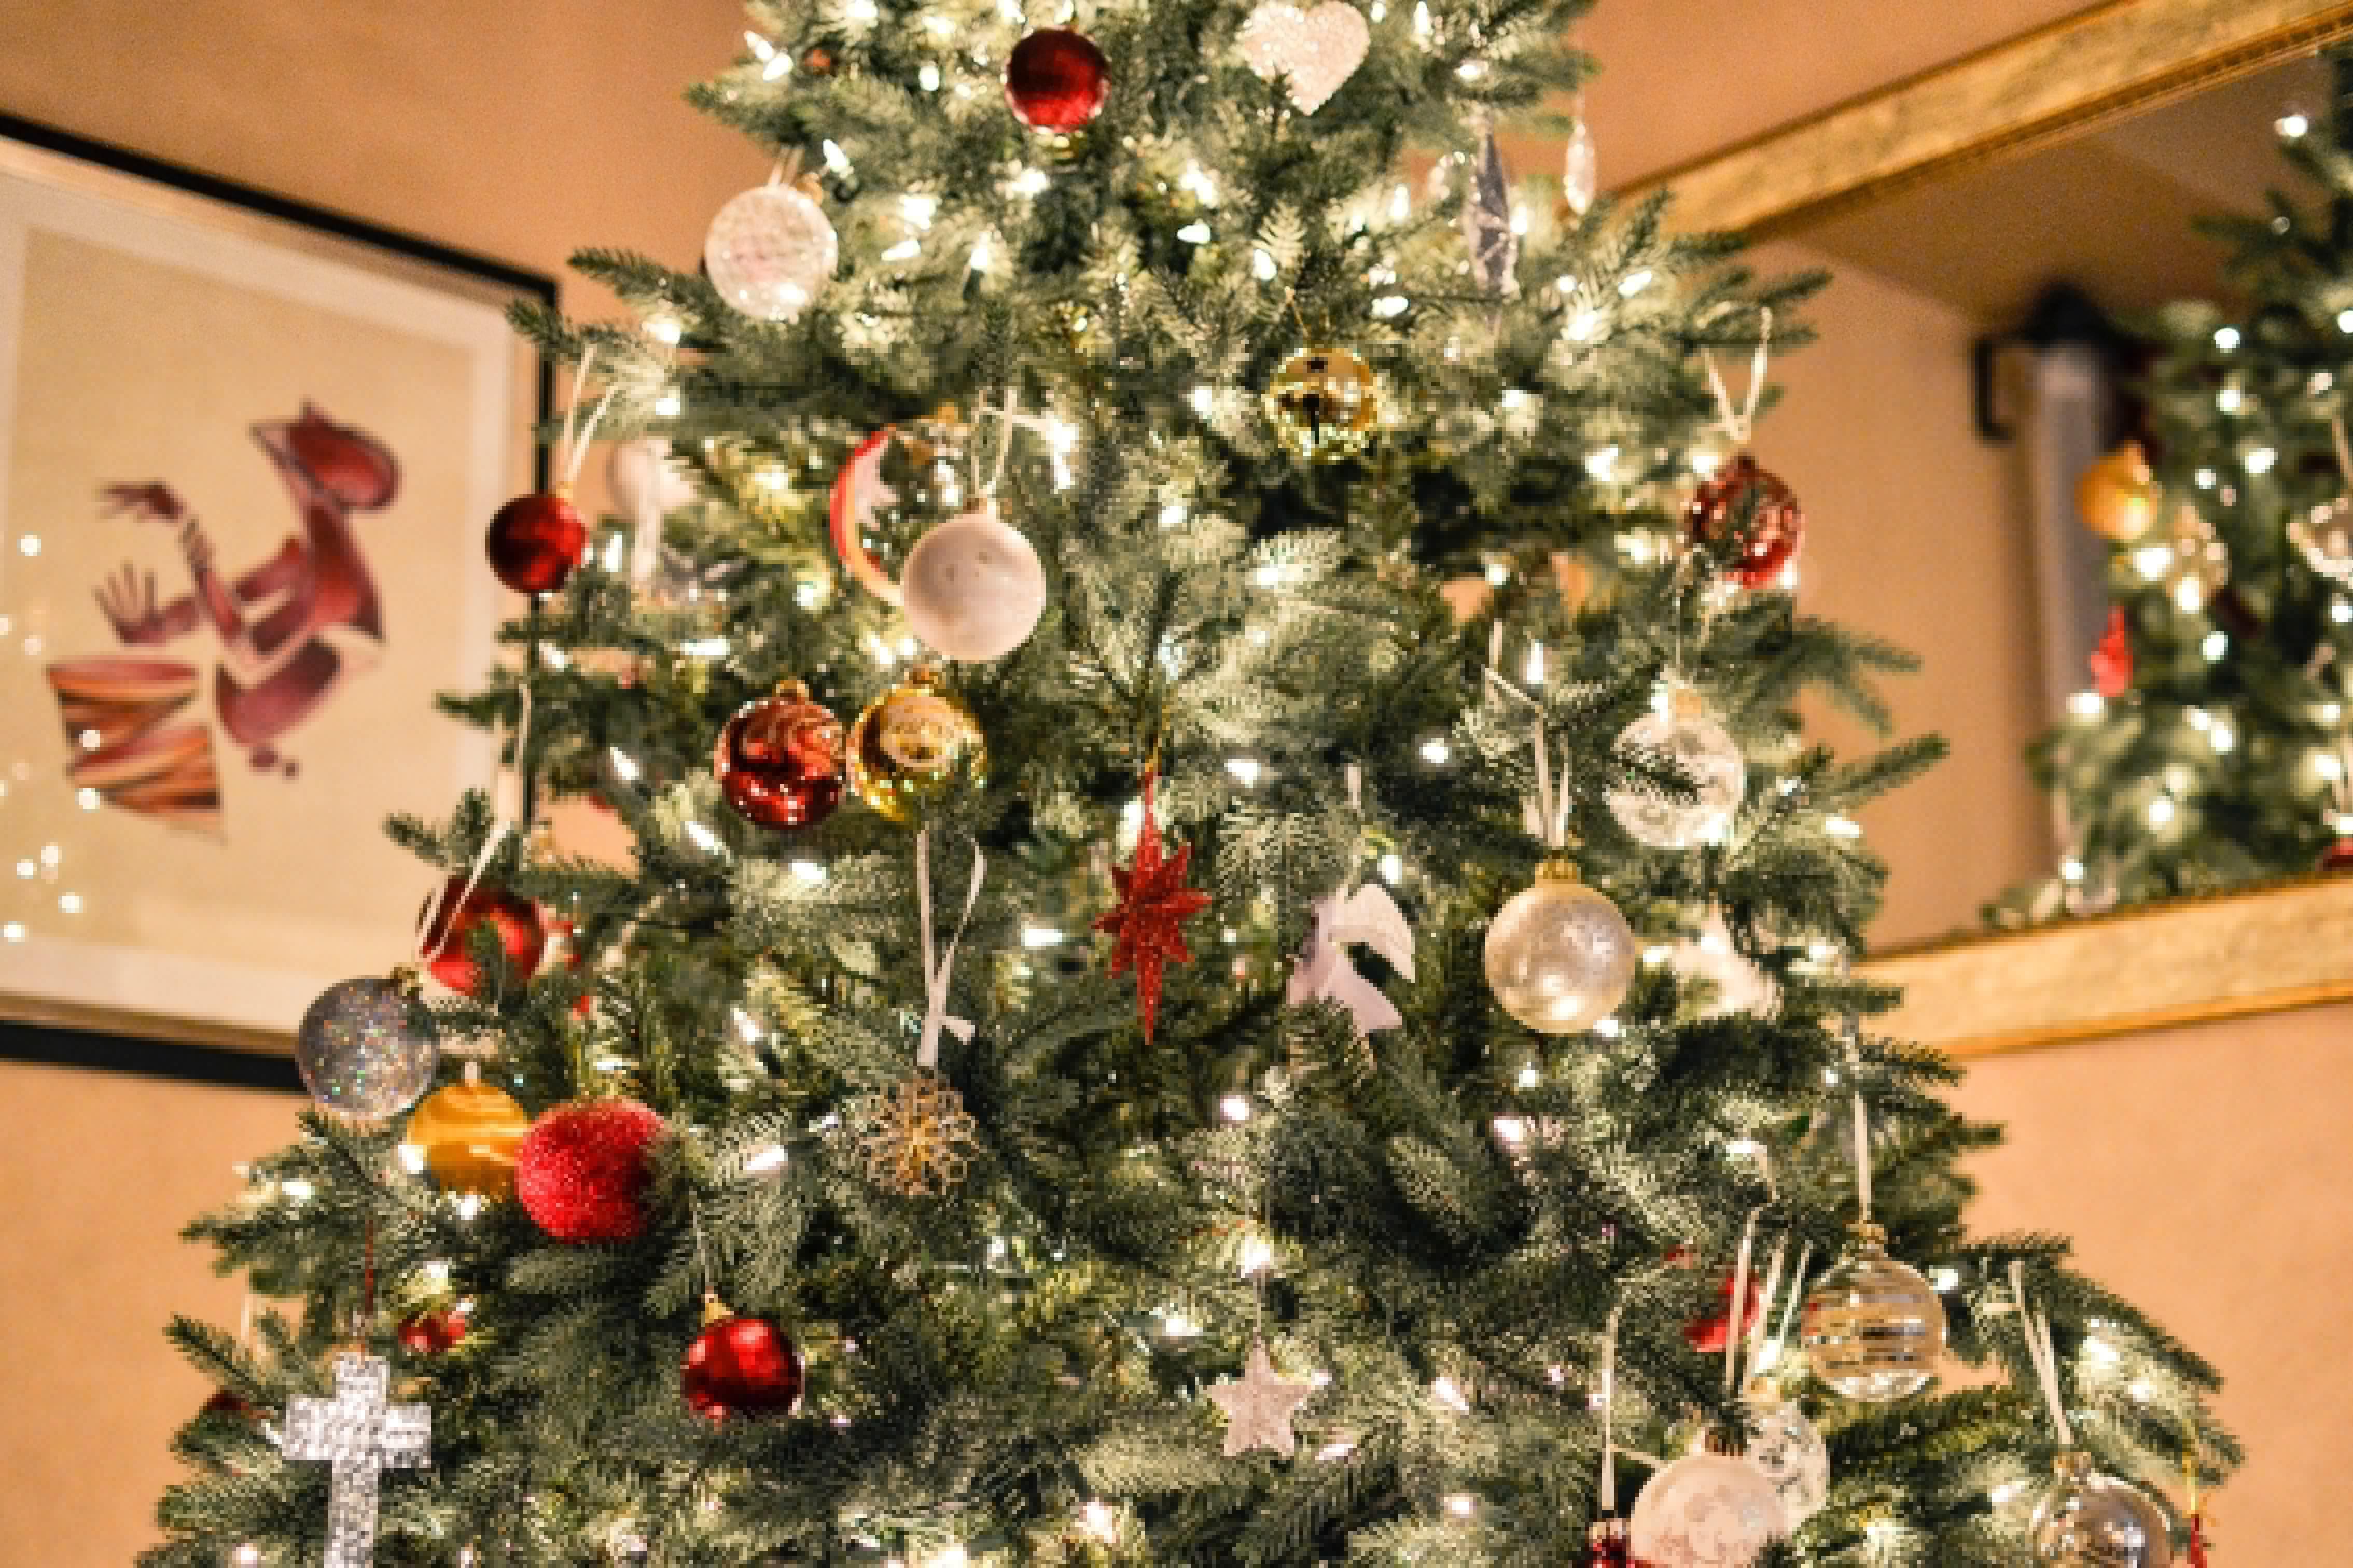 10 Dinge, die Weihnachten ausmachen (außer Geschenke und Christbäume)